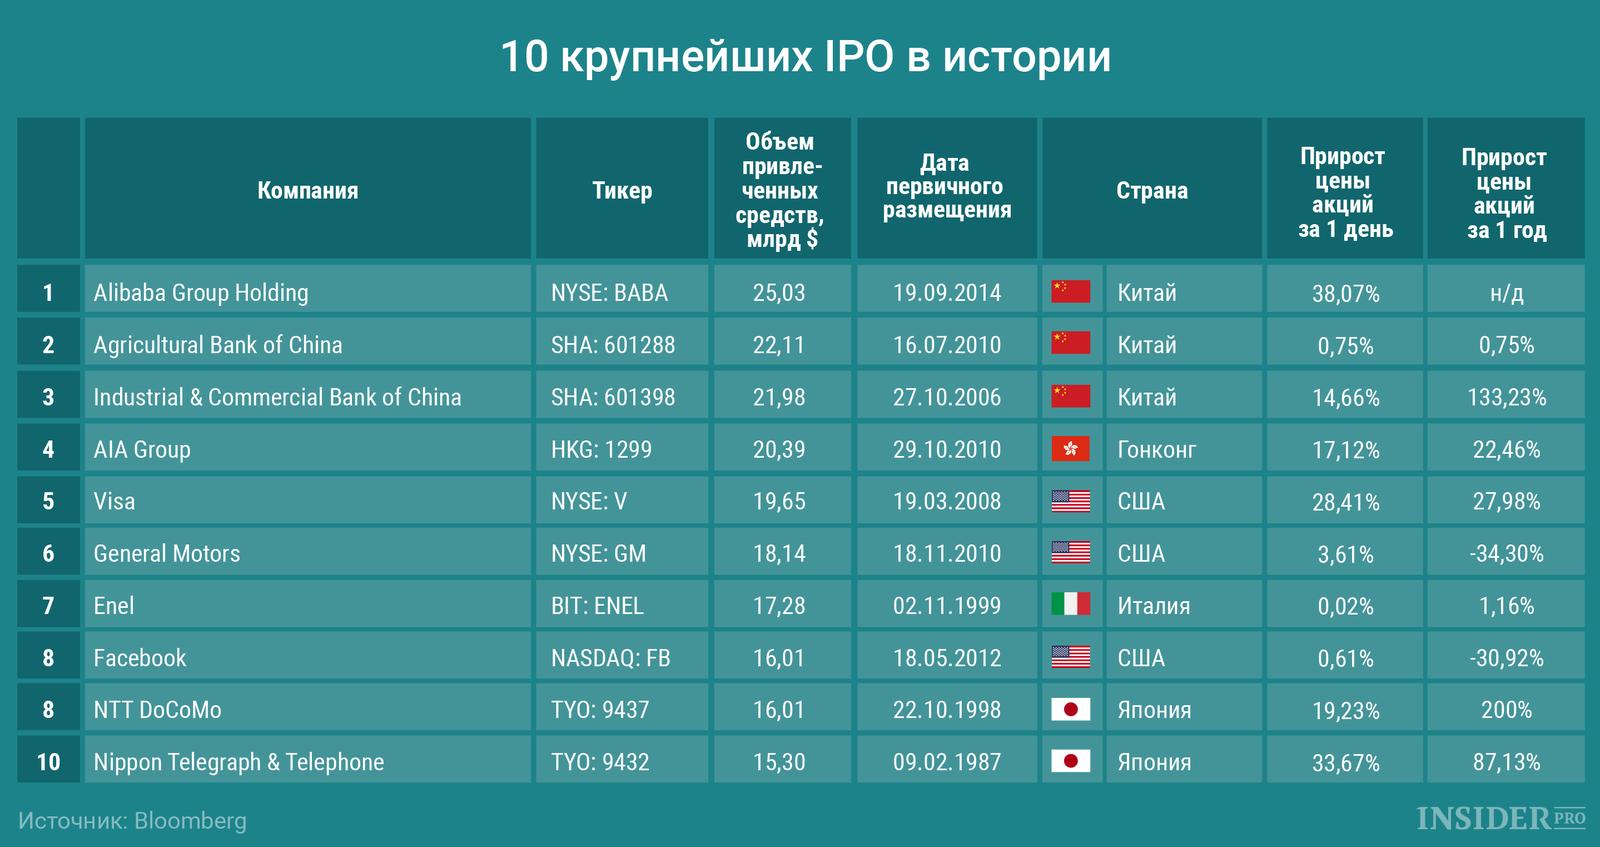 10 крупнейших IPO в истории